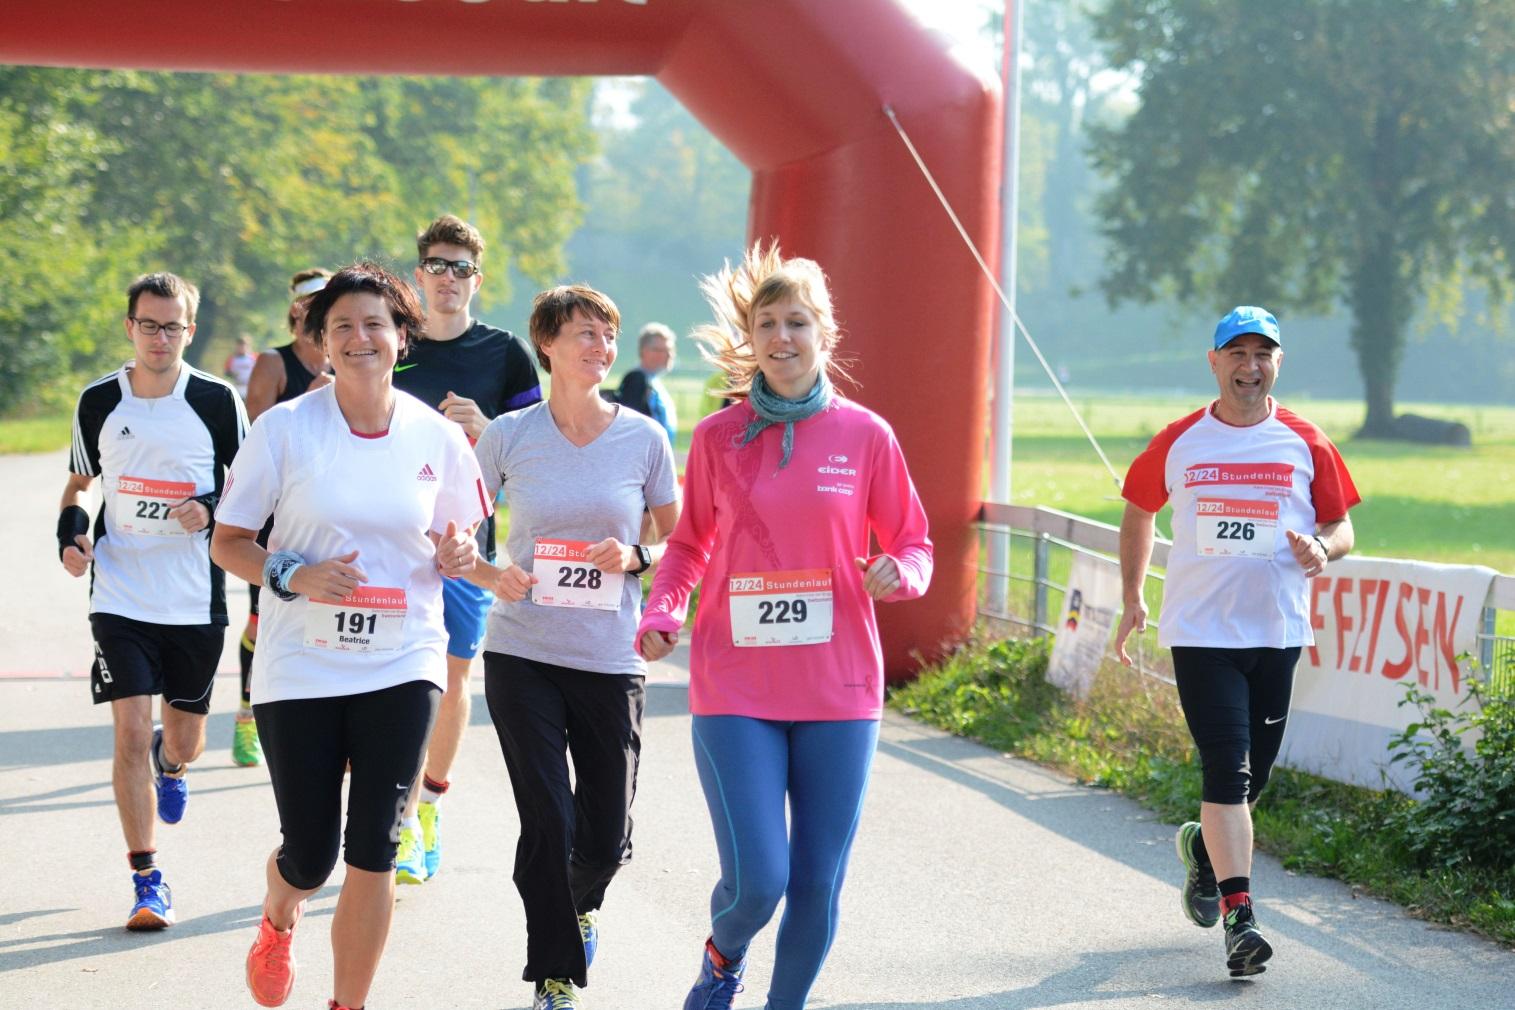 Sponsorenlauf - Gemeinsam laufen für Pro Infirmis | KABO